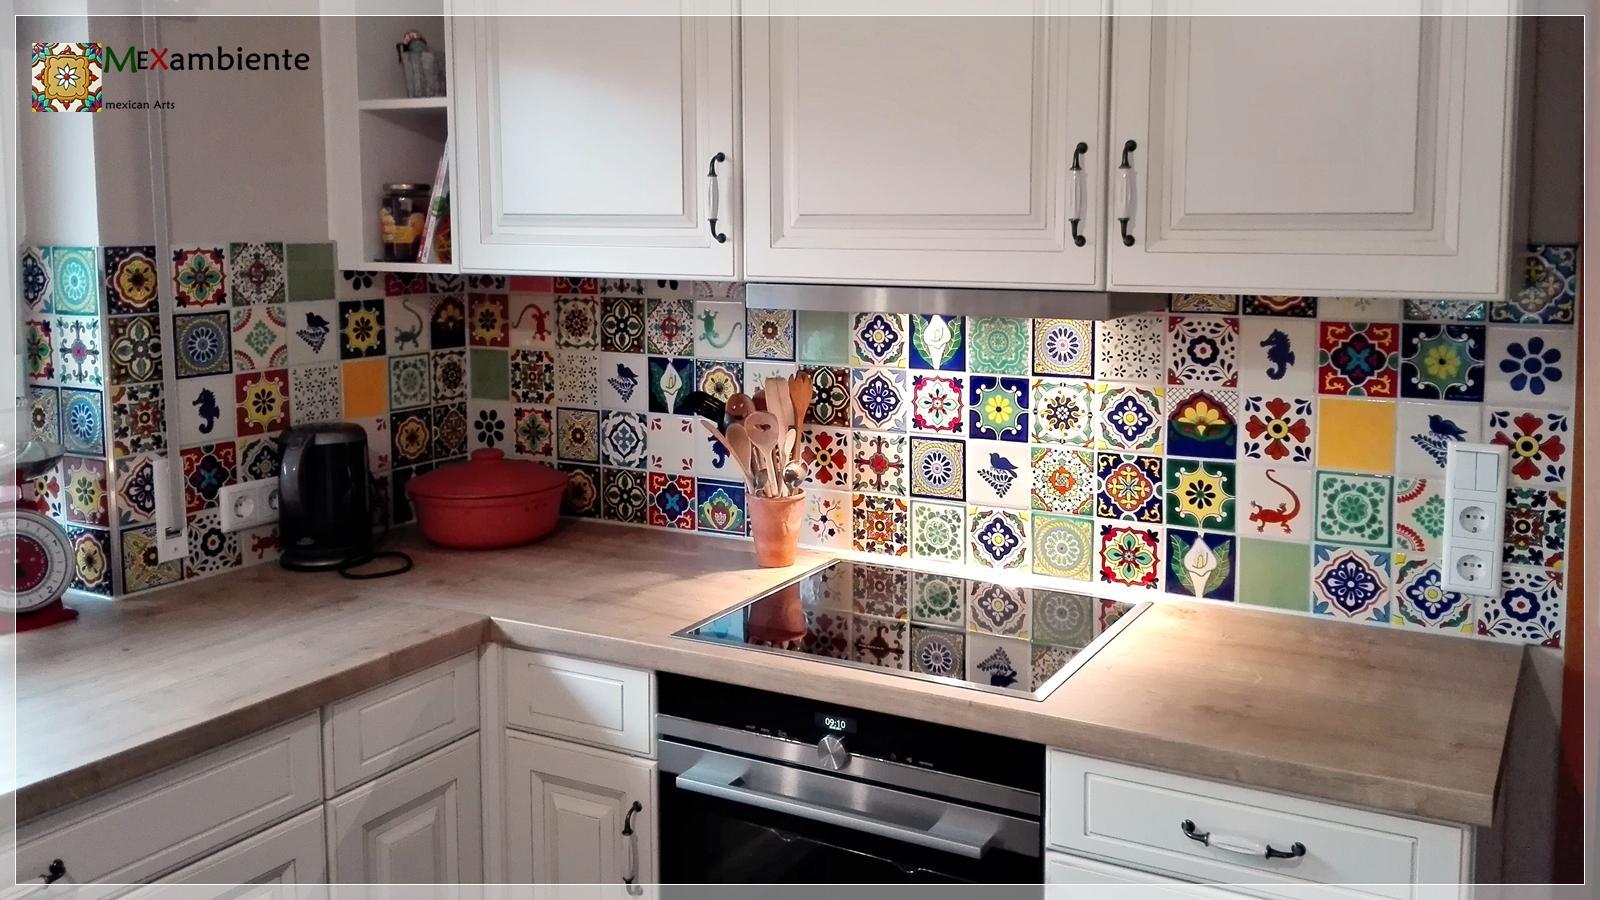 Full Size of Wandfliesen Küche Mosaik Wandfliesen Küche Portugal Kunststoff Wandfliesen Küche Wandfliesen Küche Online Kaufen Küche Wandfliesen Küche